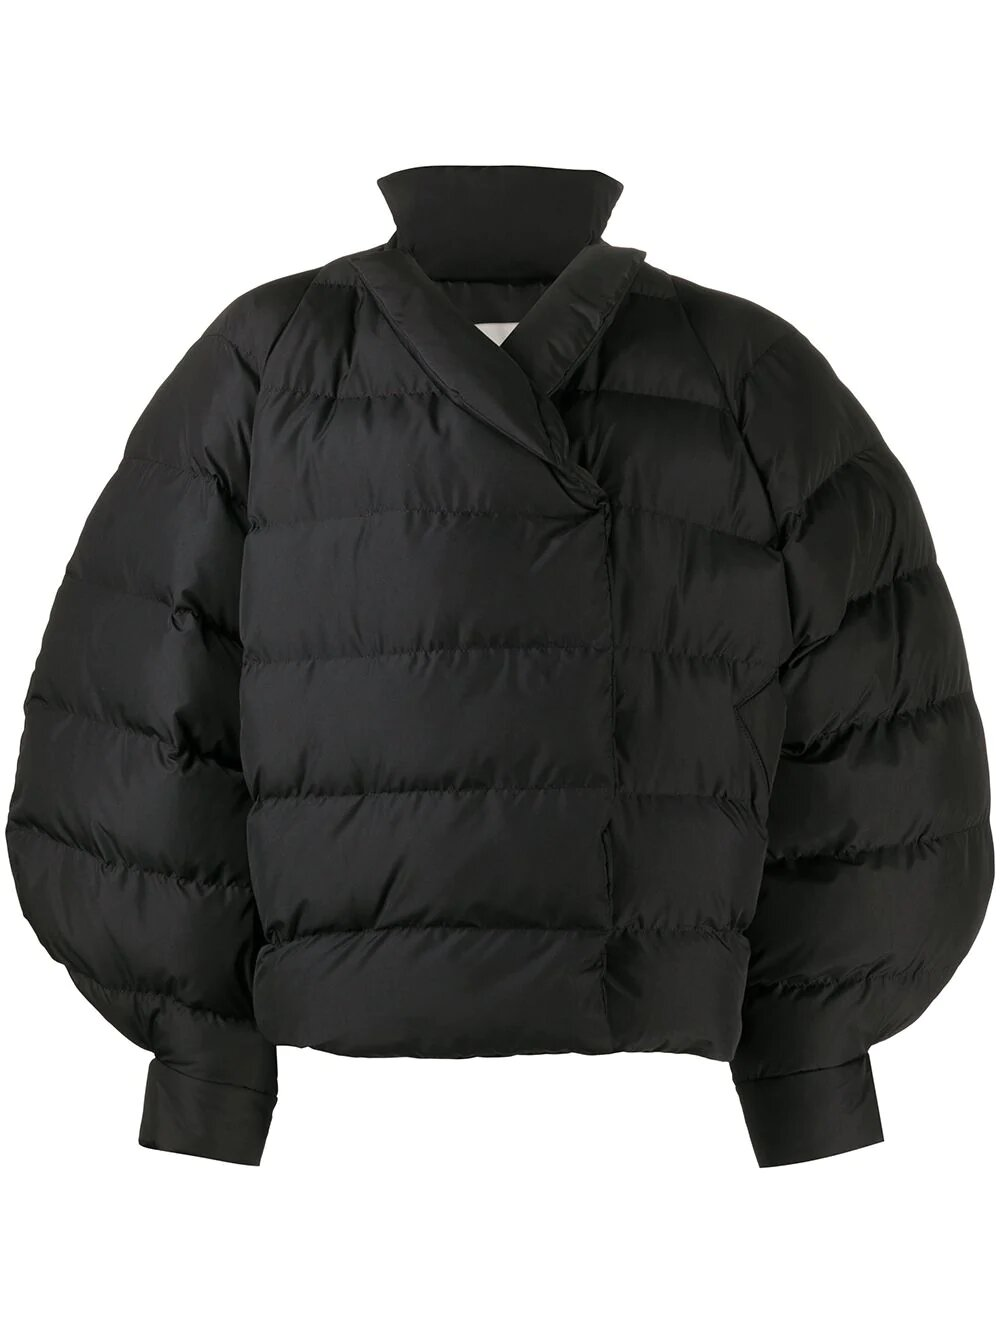 Henrik Vibskov, Оversized padded jacket 1307лв, 979лв